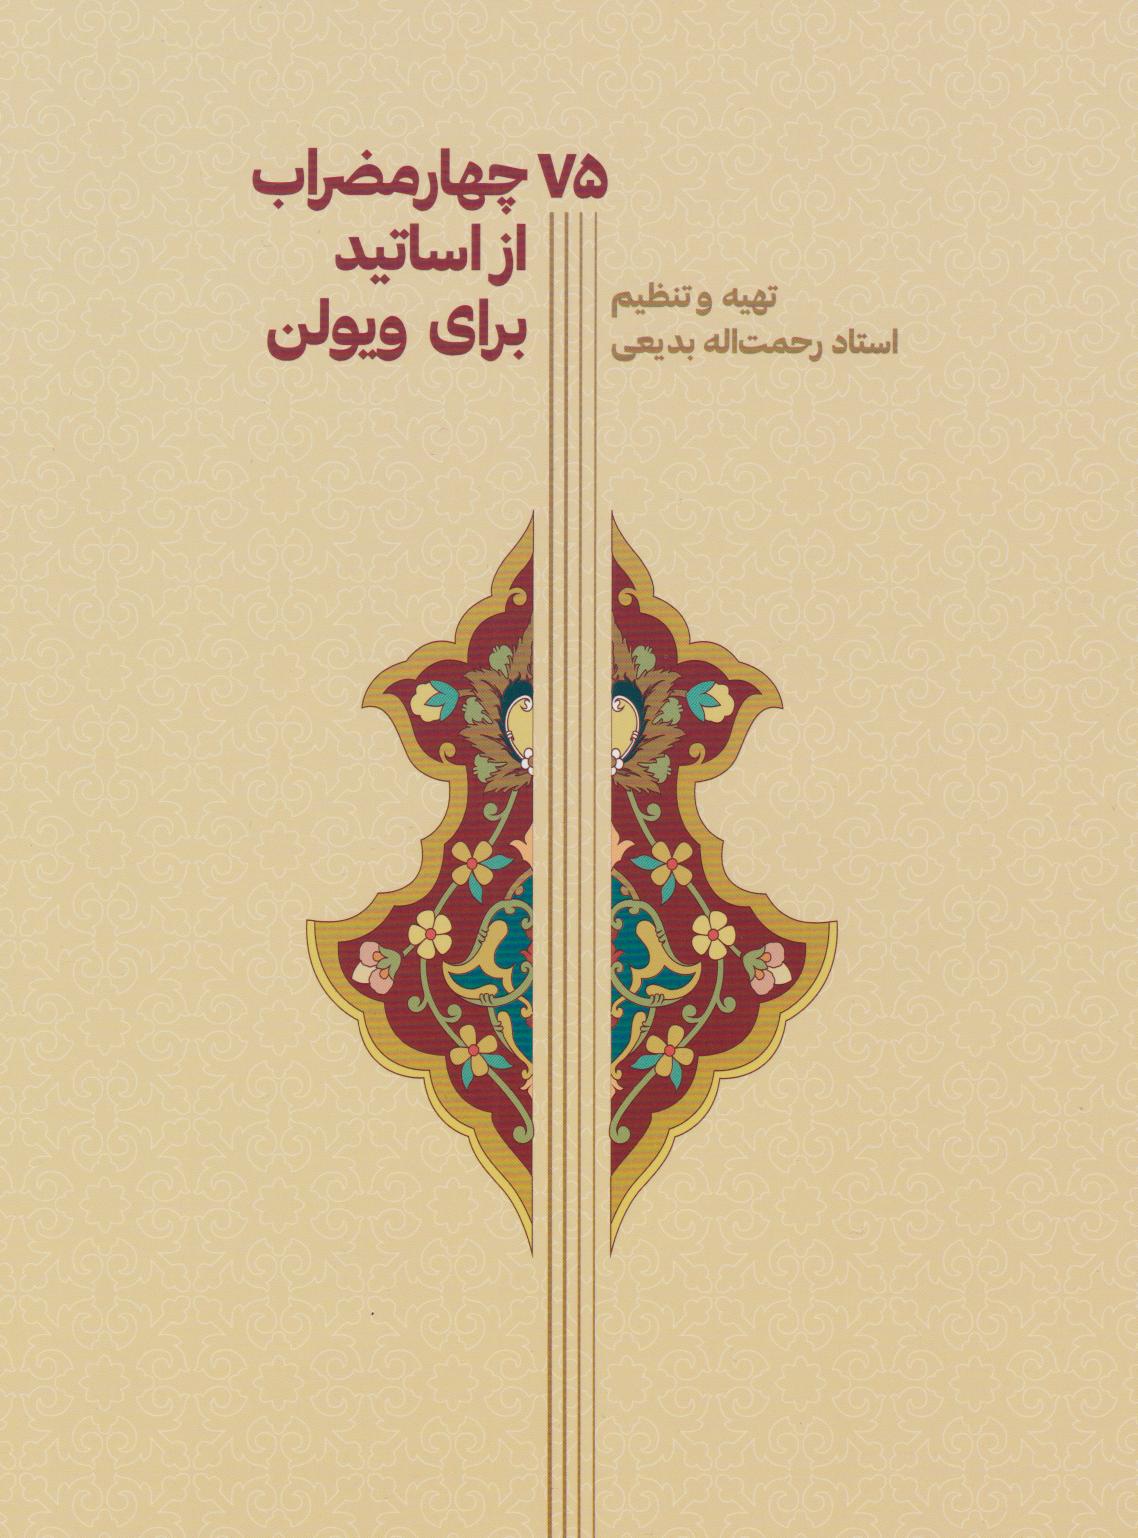 کتاب 75چهارمضراب از اساتید برای ویولن رحمتالله بدیعی انتشارات سرود